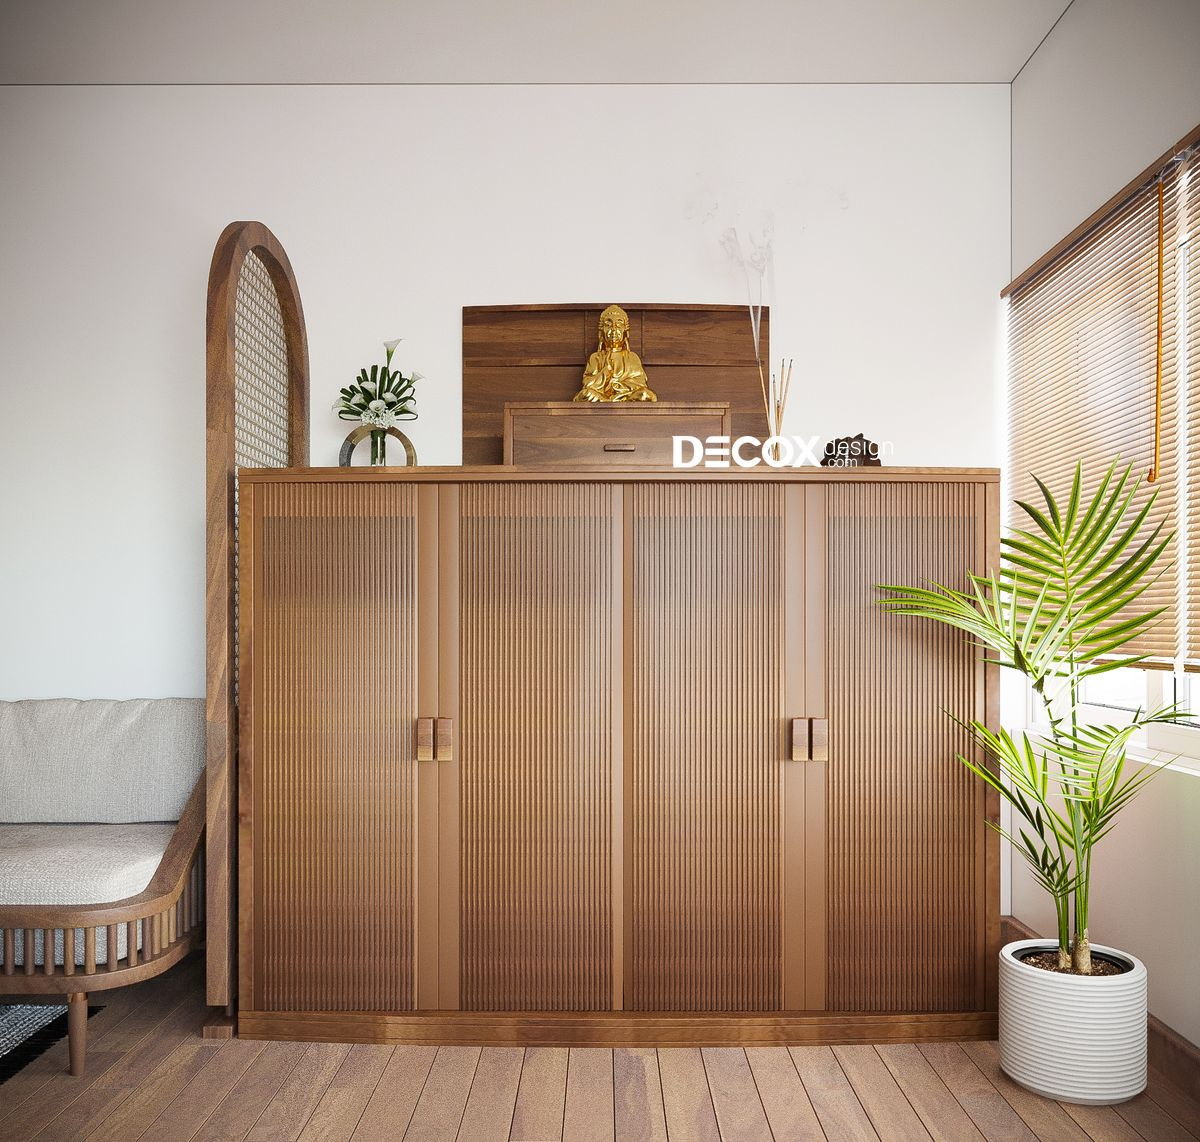 25+ mẫu thiết kế phòng khách kết hợp phòng thờ đẹp cho không gian sống hiện đại